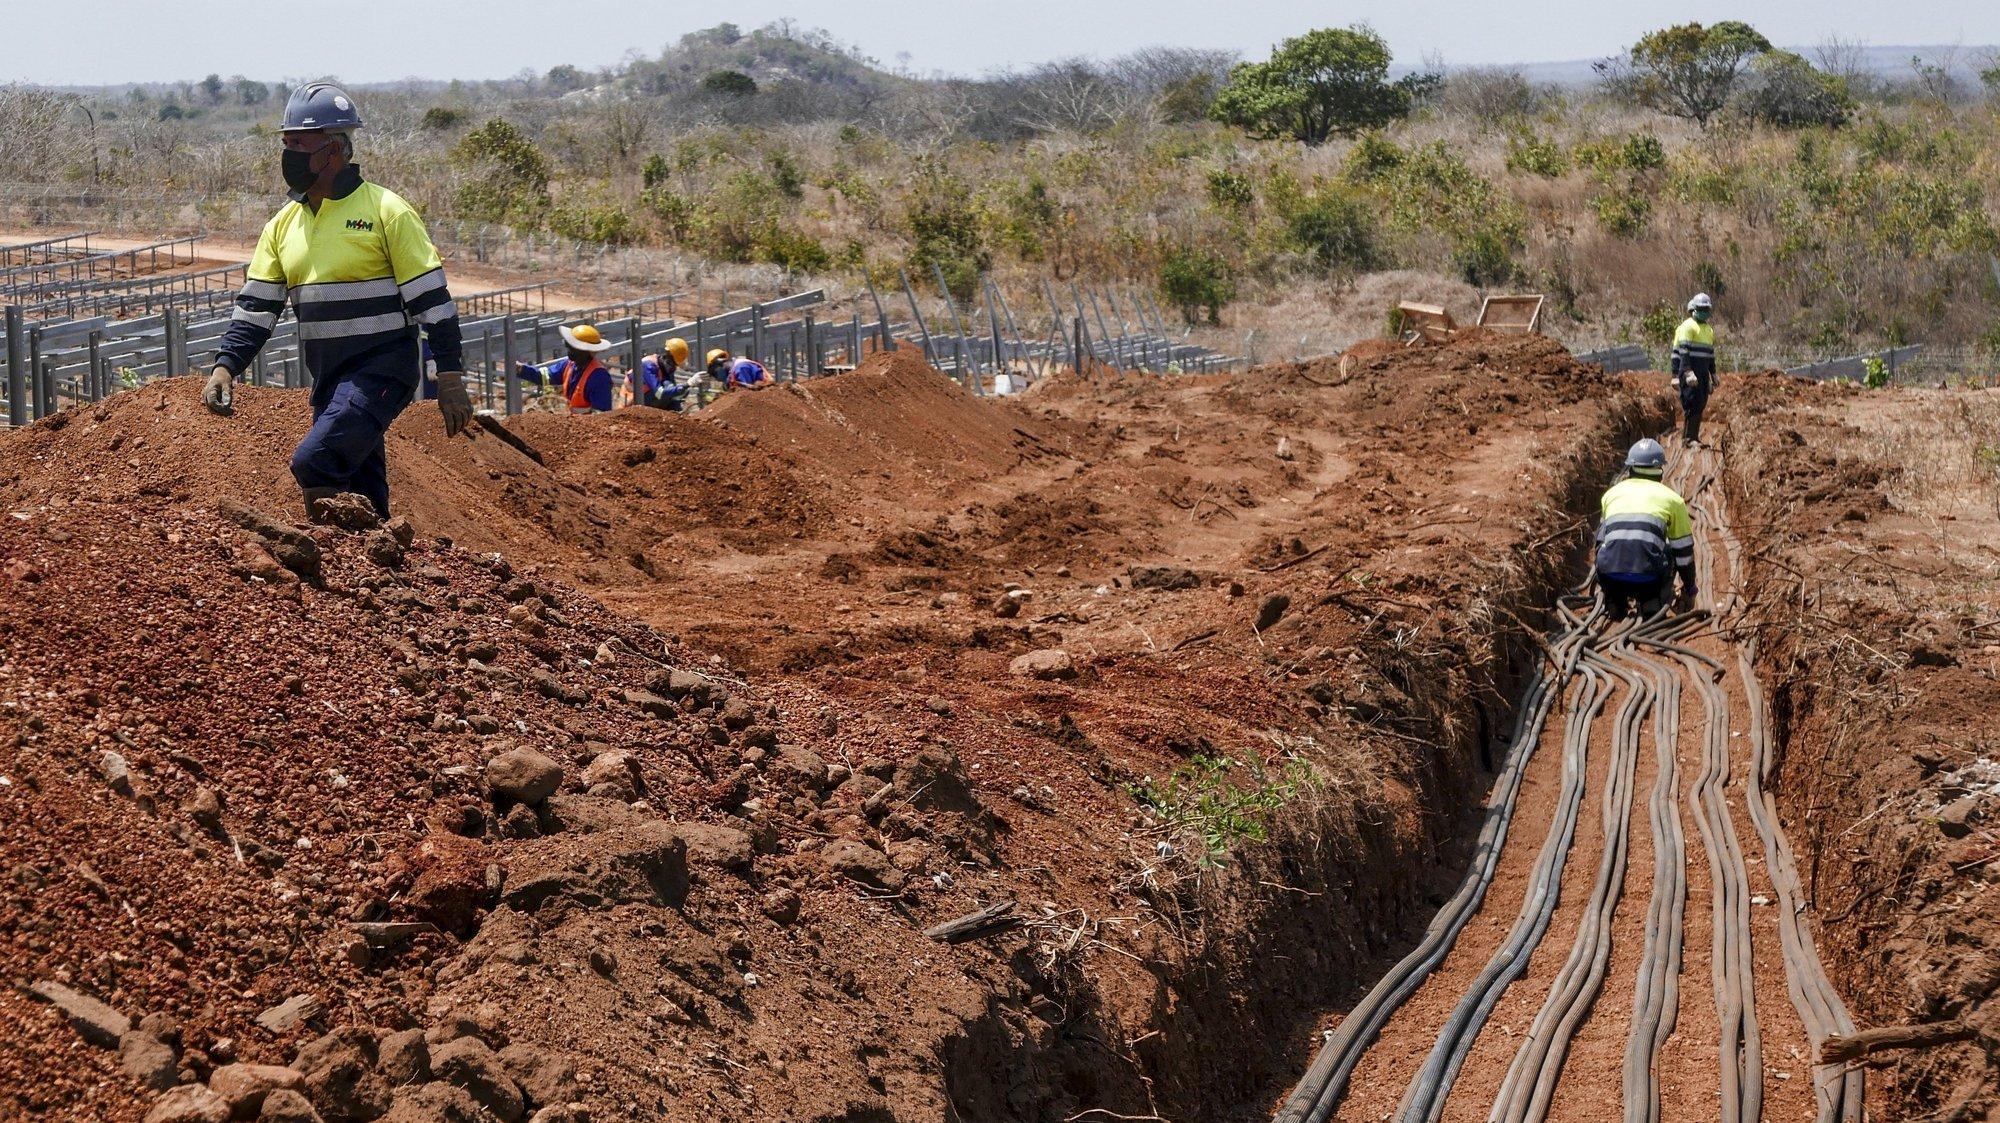 Equipas instalam os 125.000 painéis da maior central elétrica solar de Moçambique, em construção em Metoro, Cabo Delgado, norte do país, 10 de setembro de 2021. A central deverá entrar em produção em janeiro de 2022. (ACOMPANHA TEXTO DE 11/09/2021) LUIS MIGUEL FONSECA/LUSA